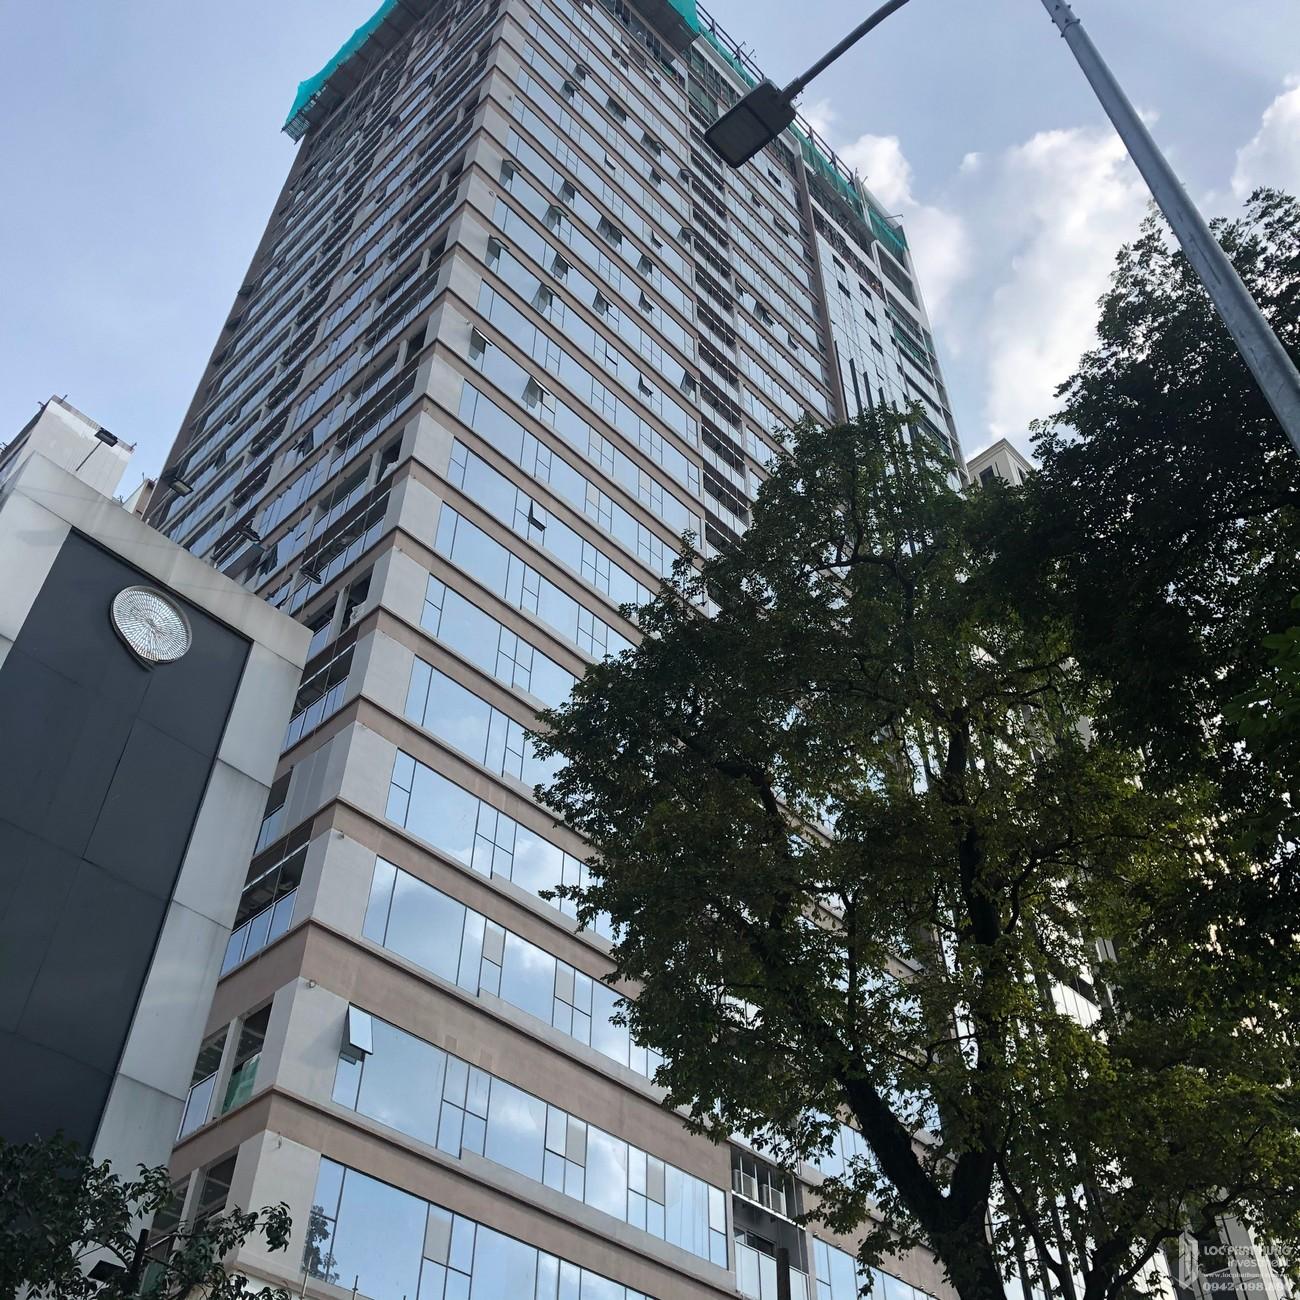 Tiến độ The Marq dự án căn hộ chung cư Quận 1 Đường Nguyễn Đình Chiểu chủ đầu tư HongKong Land & Hoa Lâm